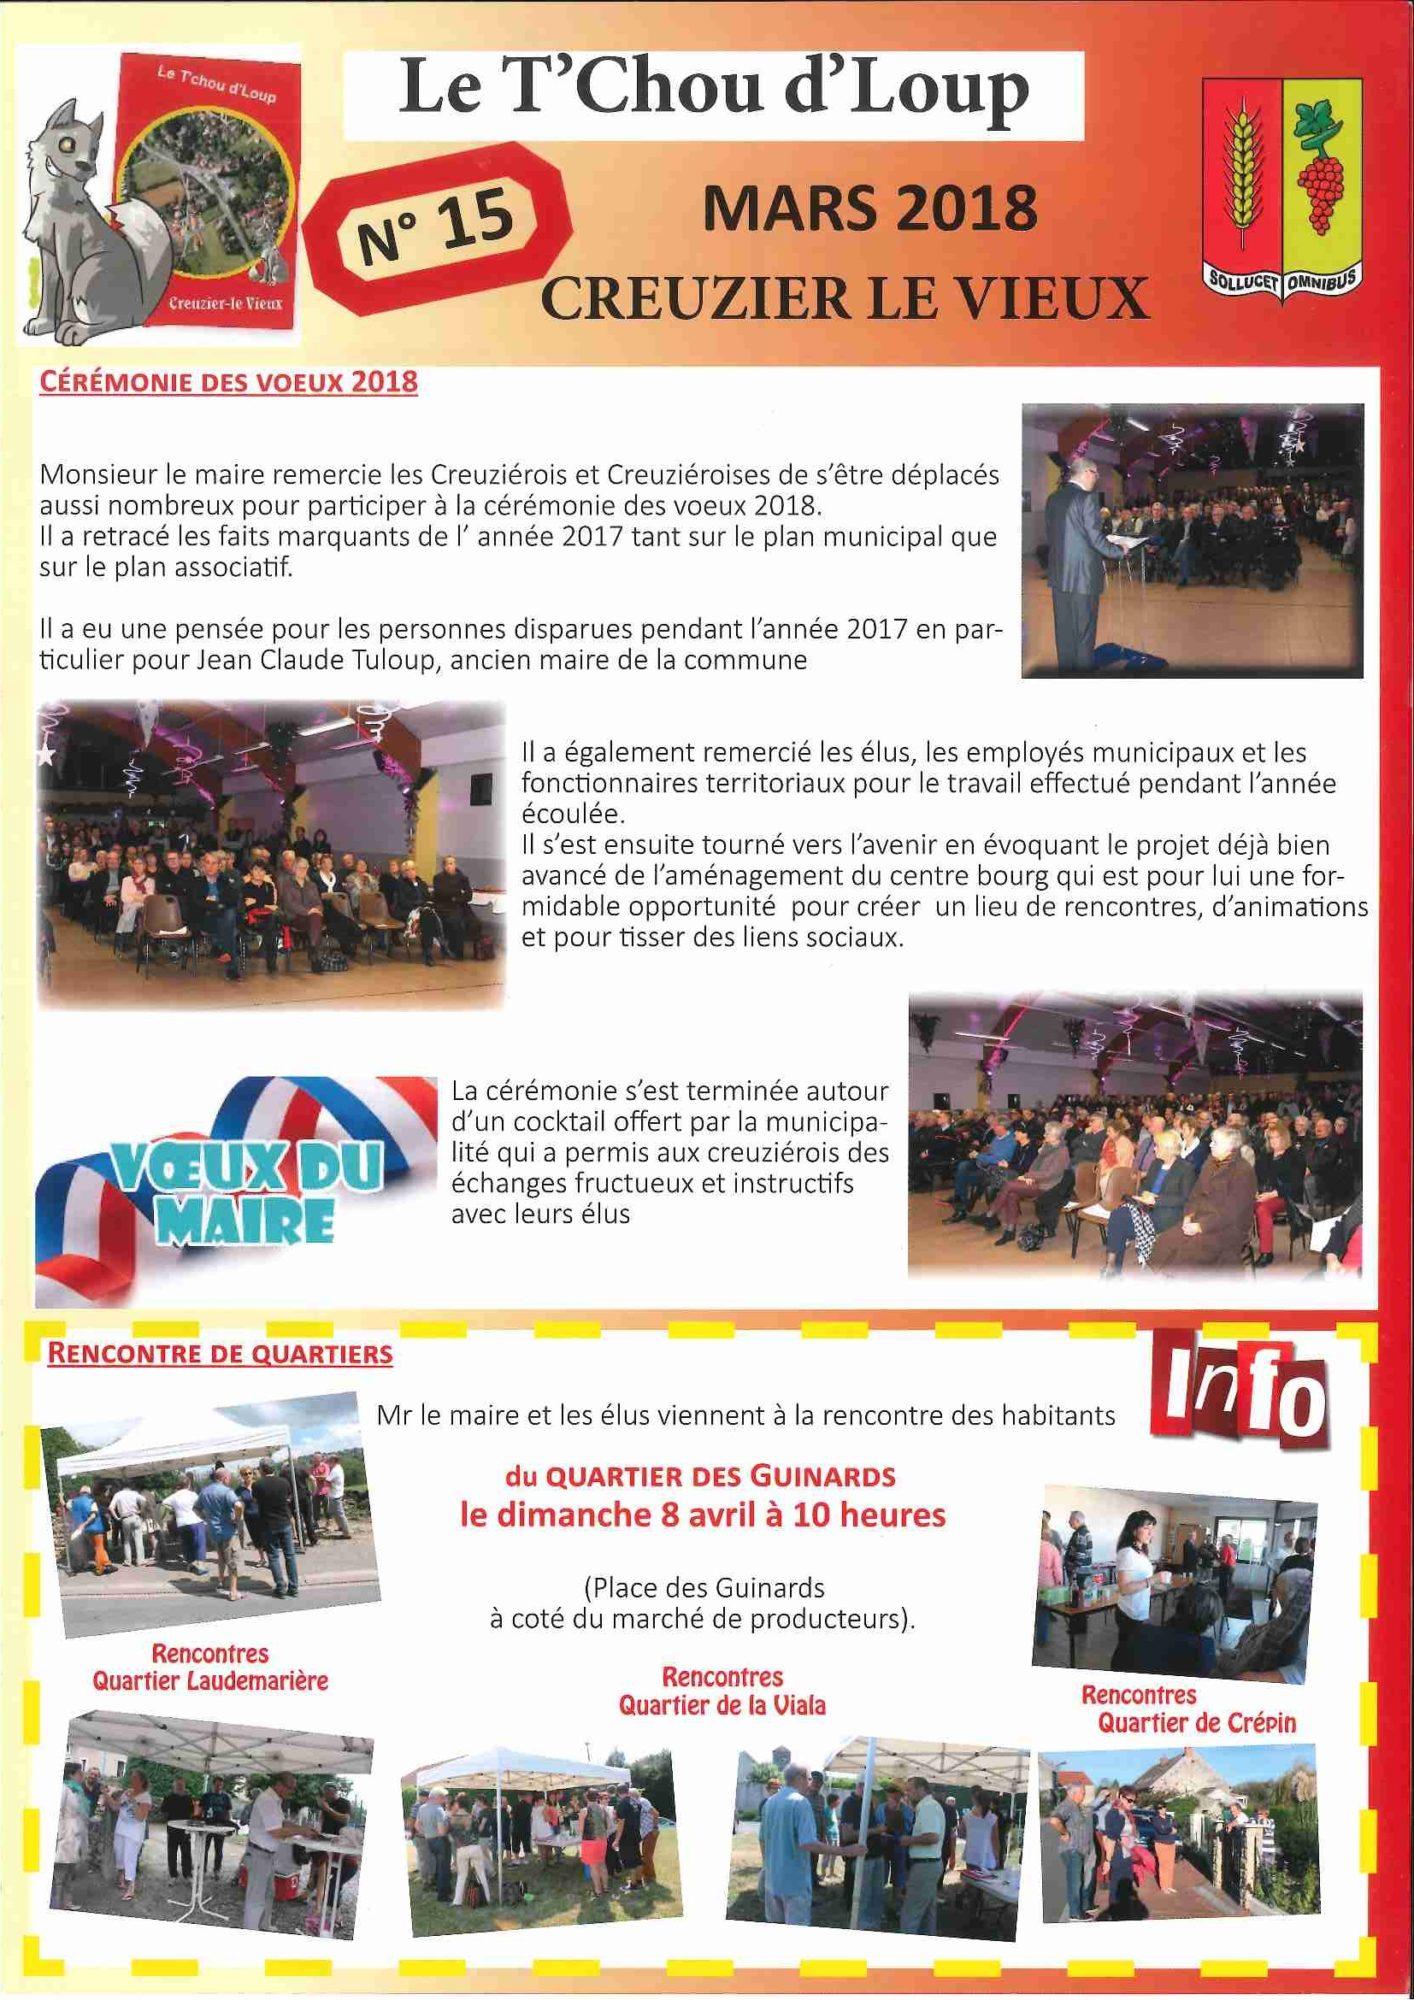 http://www.creuzier-le-vieux.com/wp-content/uploads/2018/02/Tchou-dLoup-15.pdf